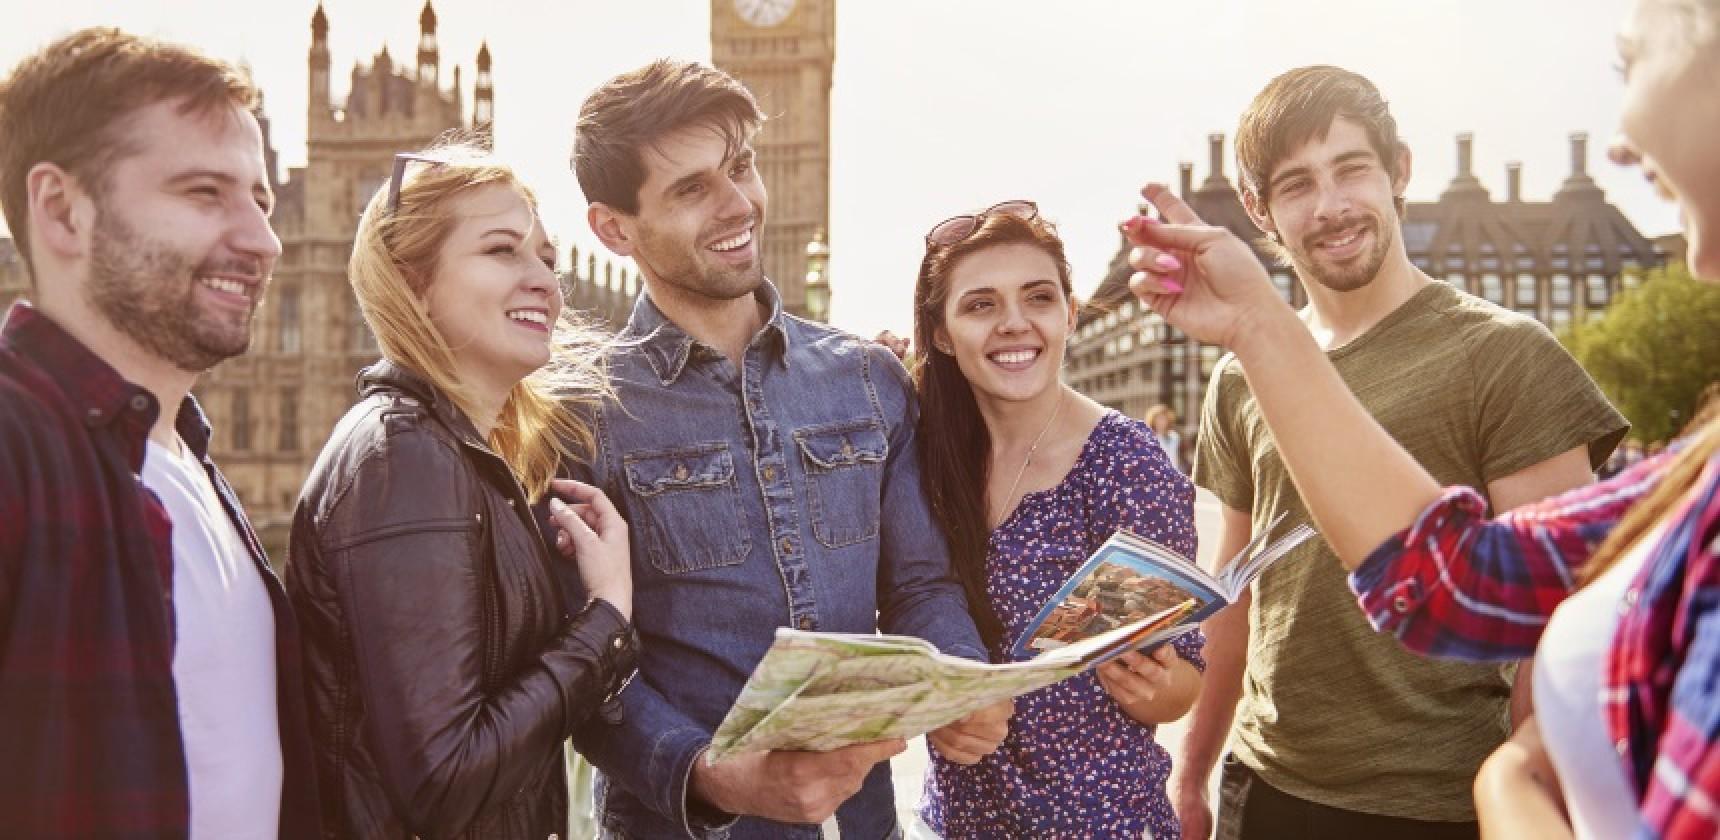 Kurs język angielski, poznań oferuje. Młodzi ludzie rozmawiają